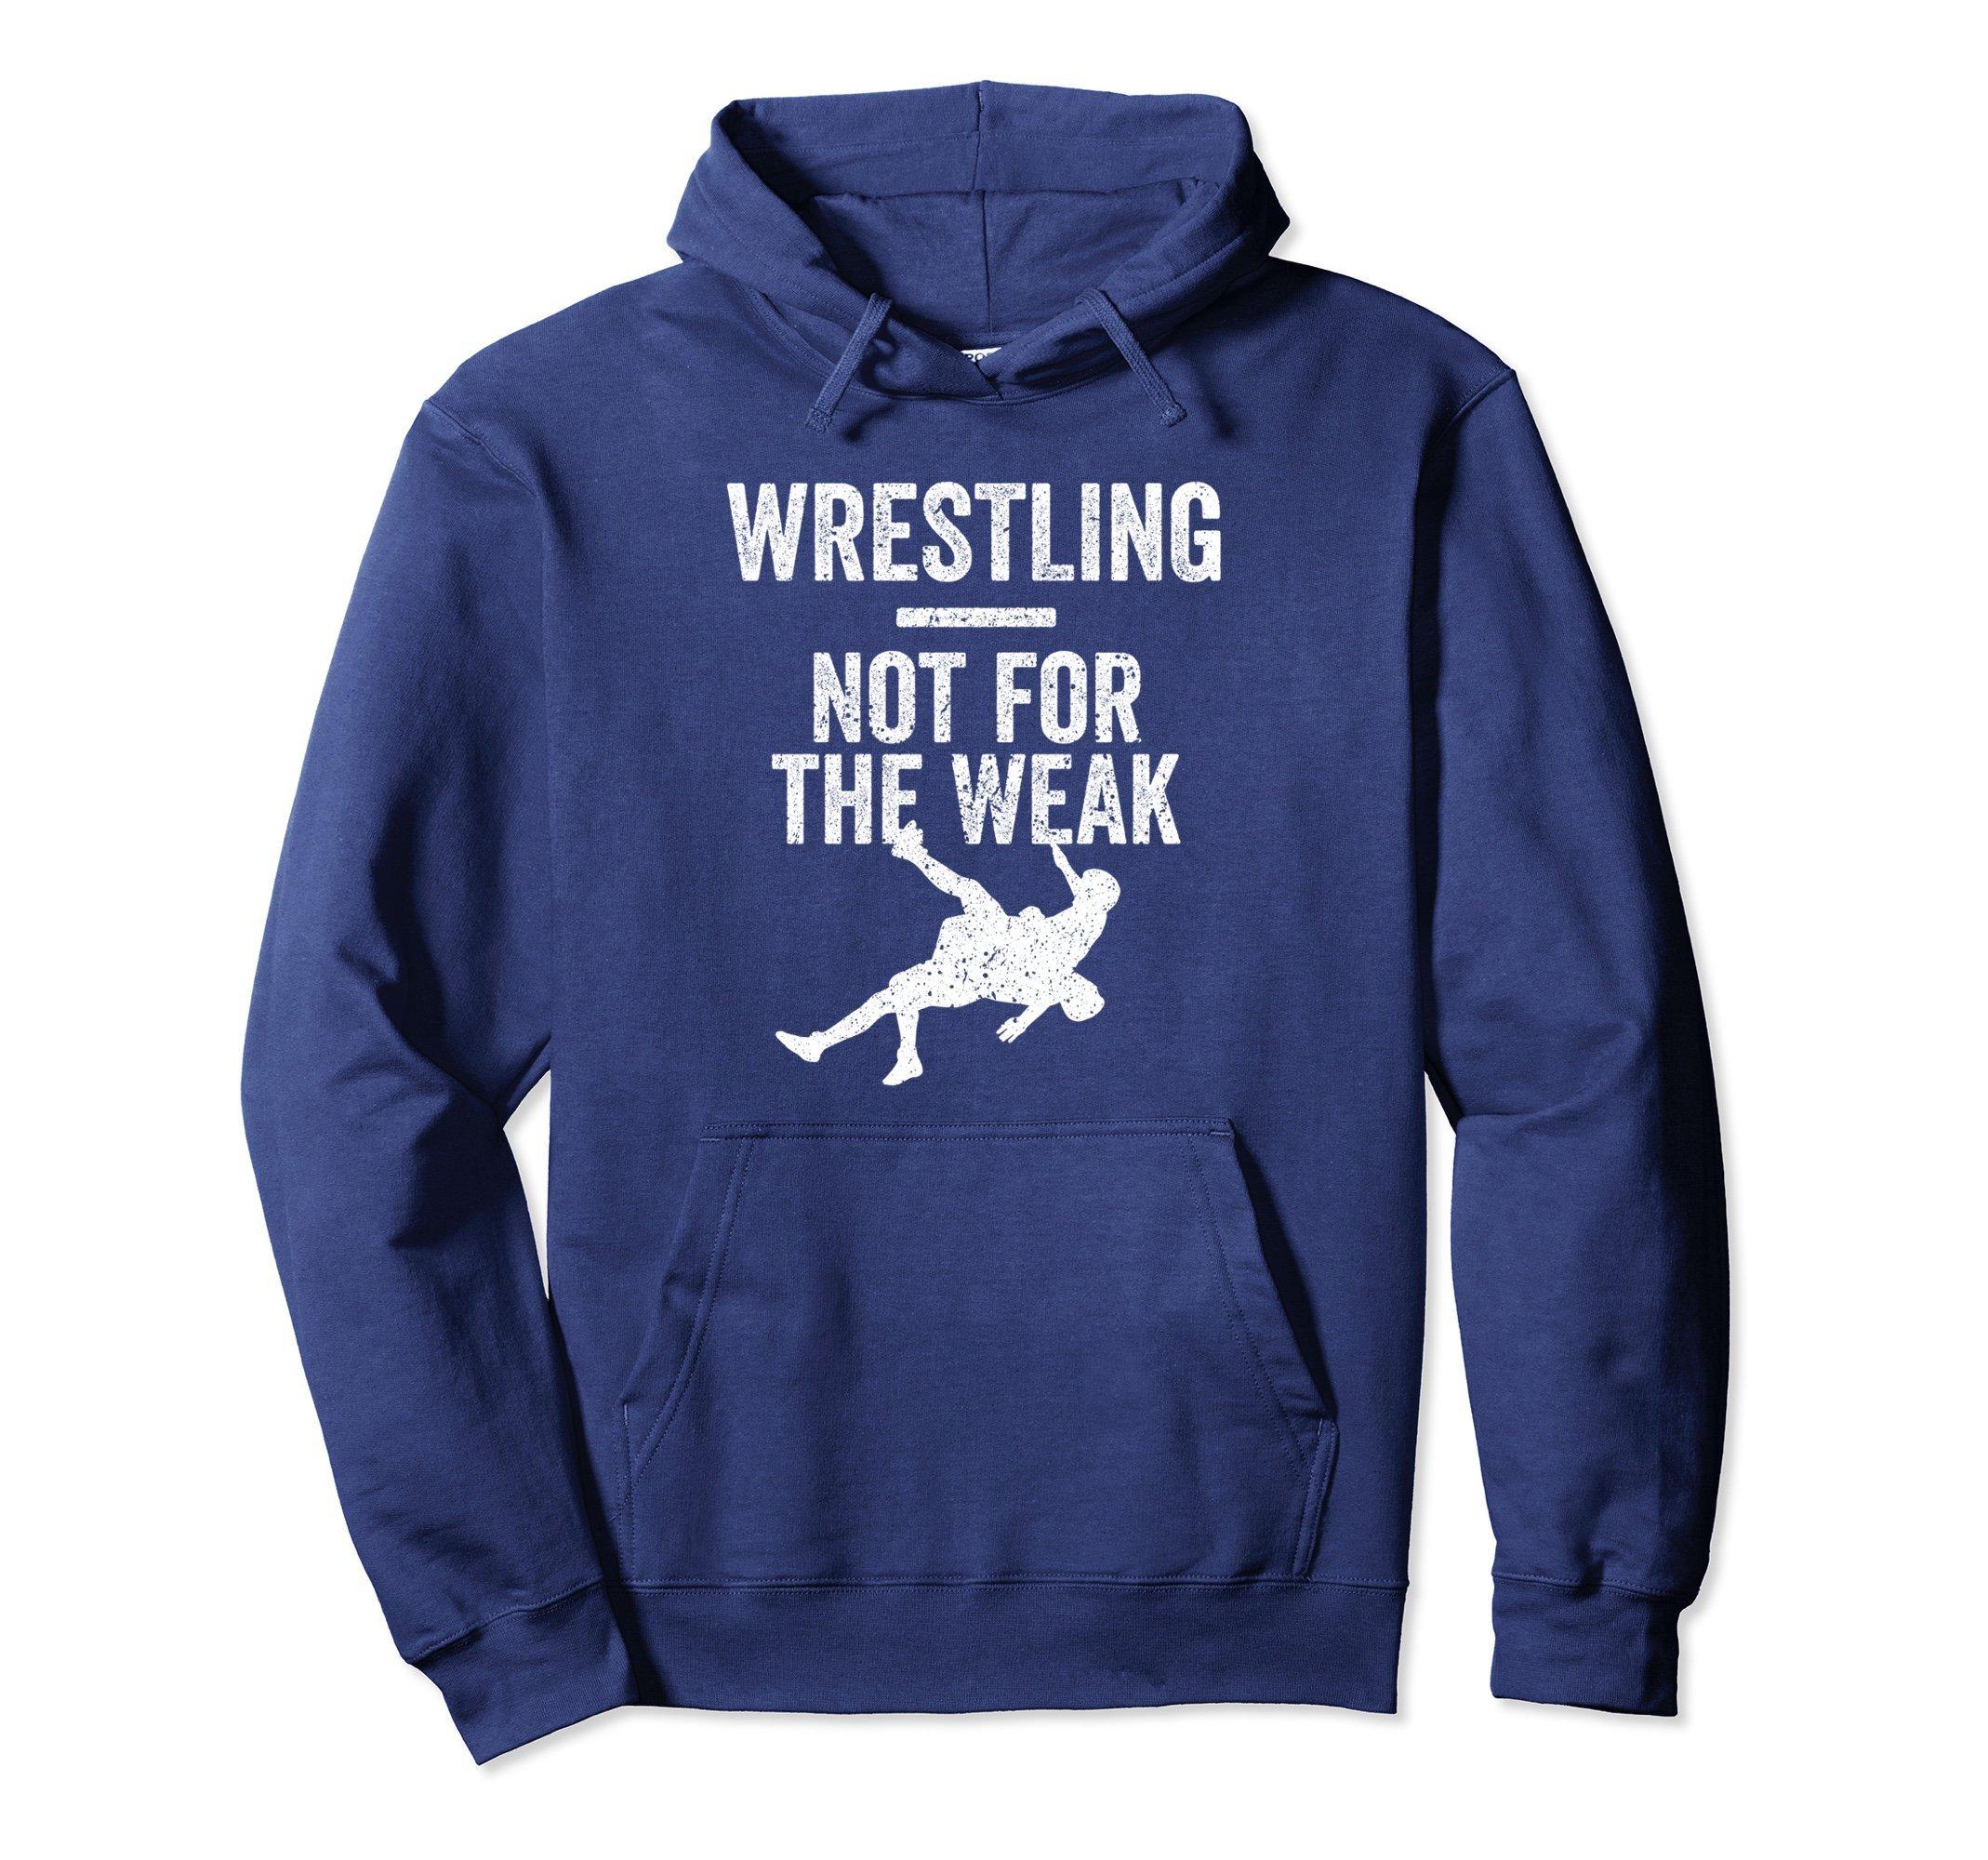 Unisex Not For The Weak Wrestling Hoodie for Wrestlers, Gift, White XL: Navy